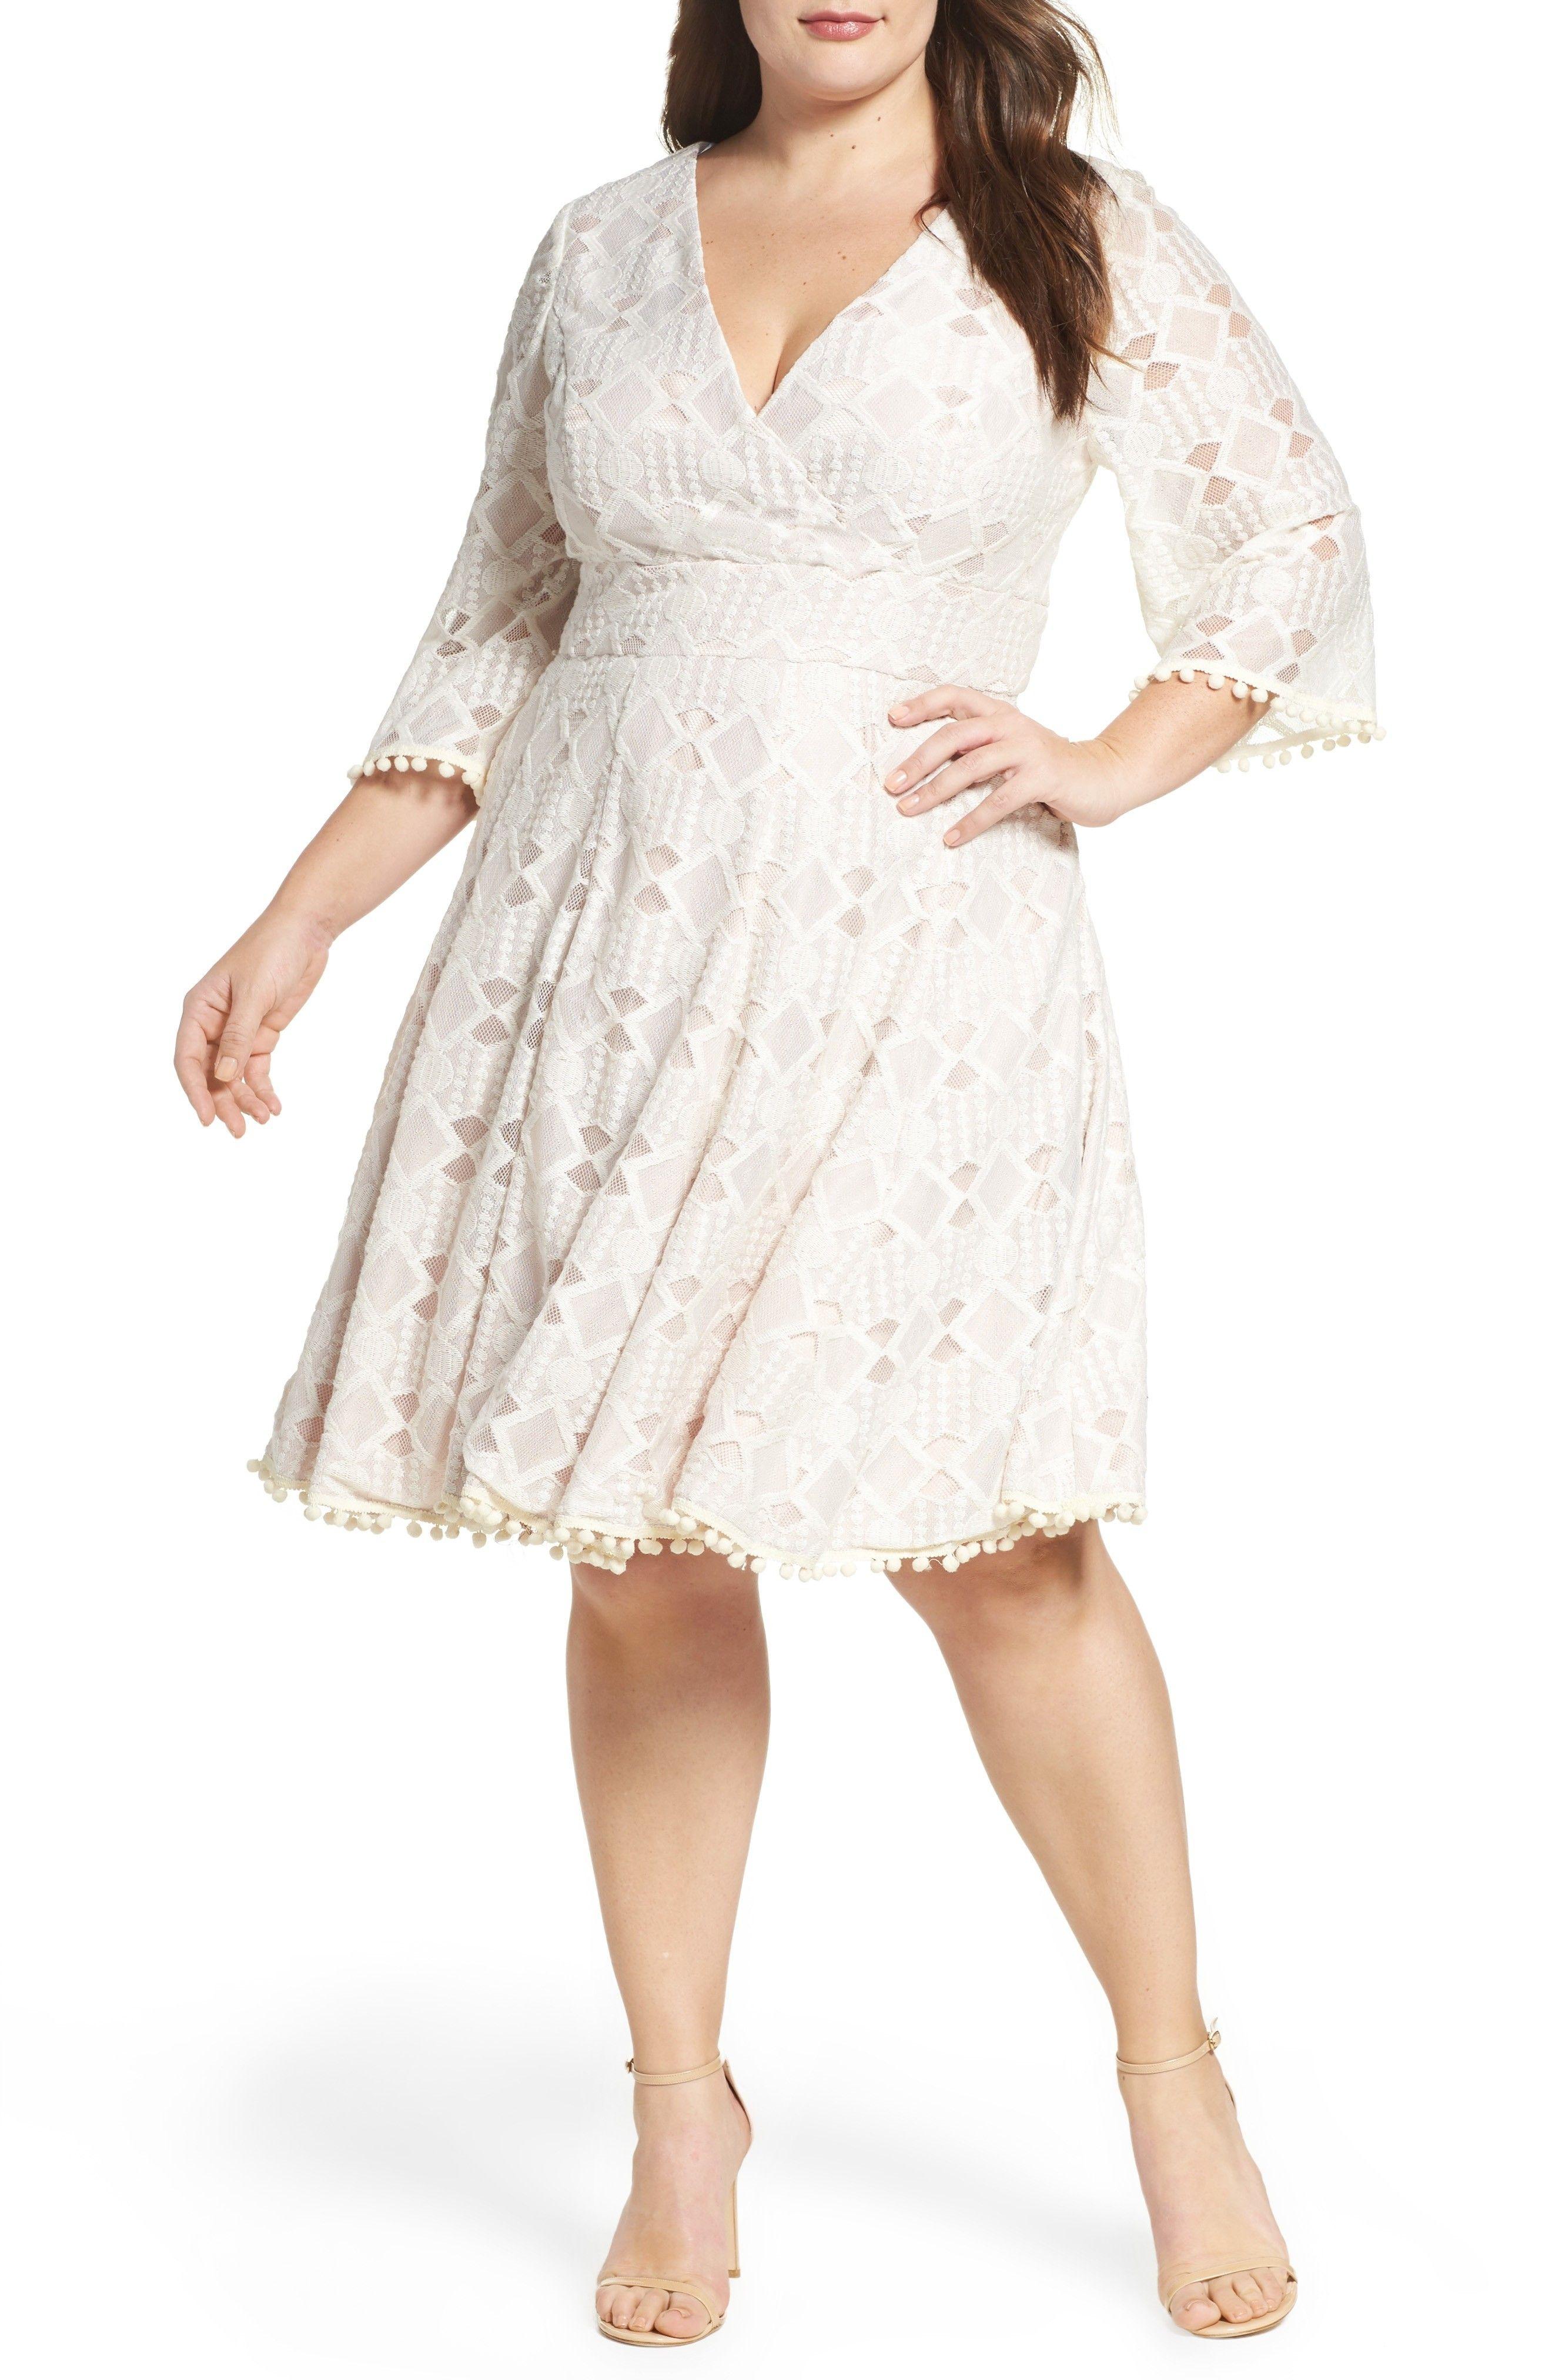 Plus Size Lace Fit Flare Dress Plus Size Dresses Fit Flare Dress Dresses [ 4048 x 2640 Pixel ]